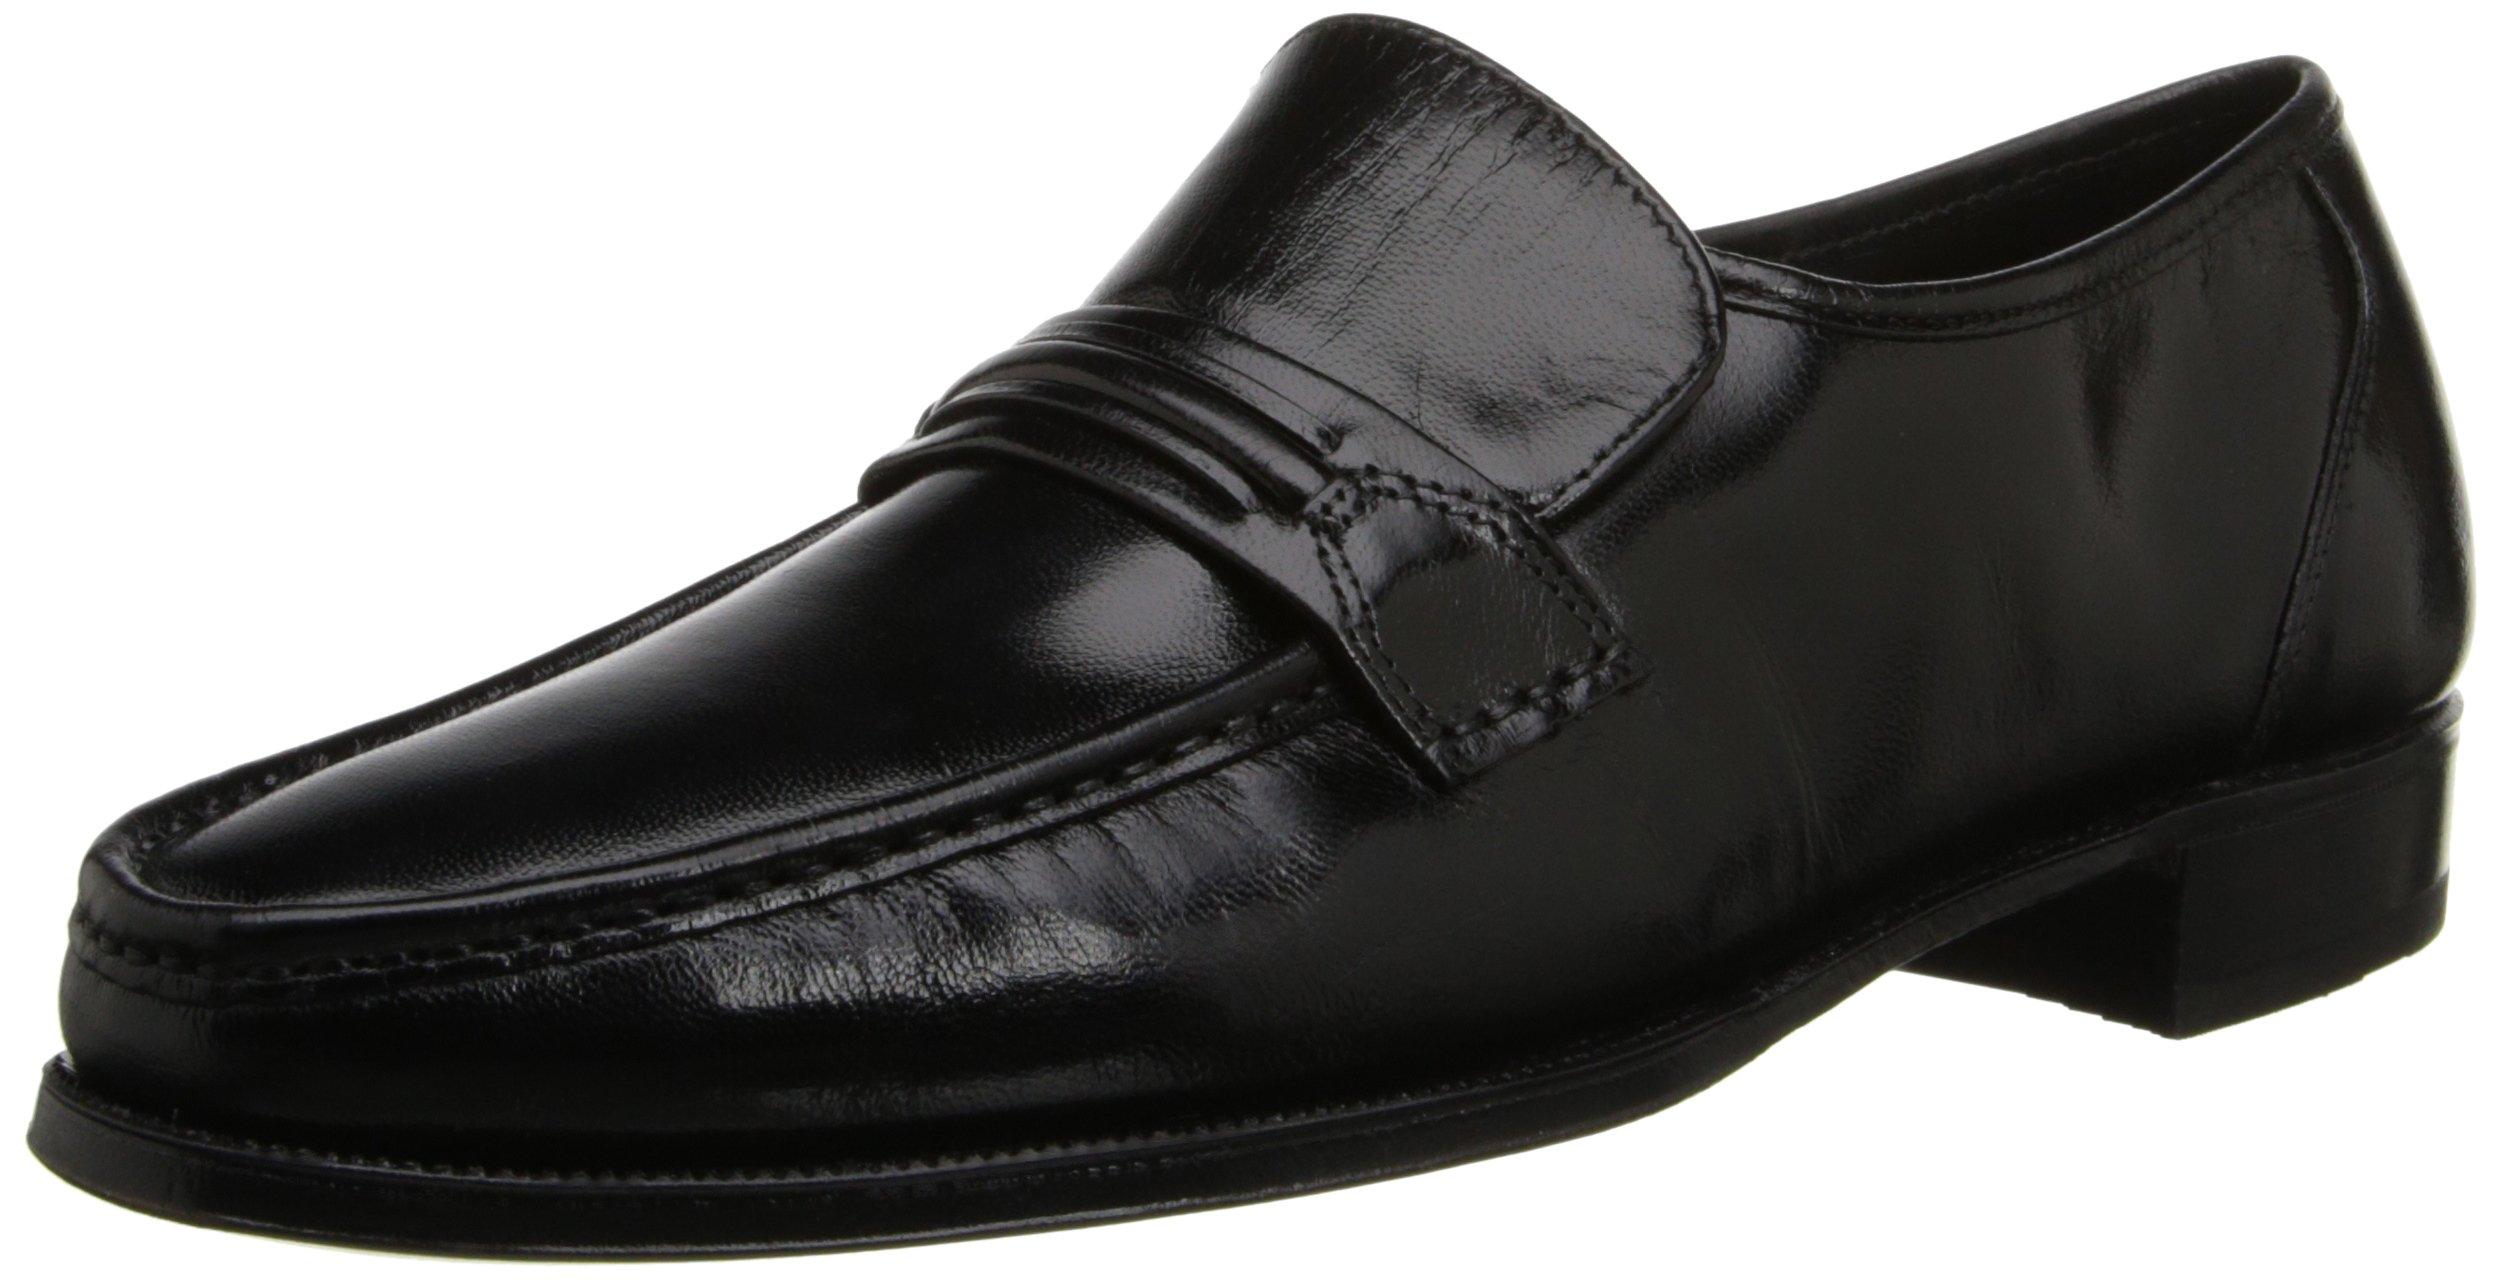 Florsheim Men's Como Slip-On Loafer Black Loafer 10.5 E